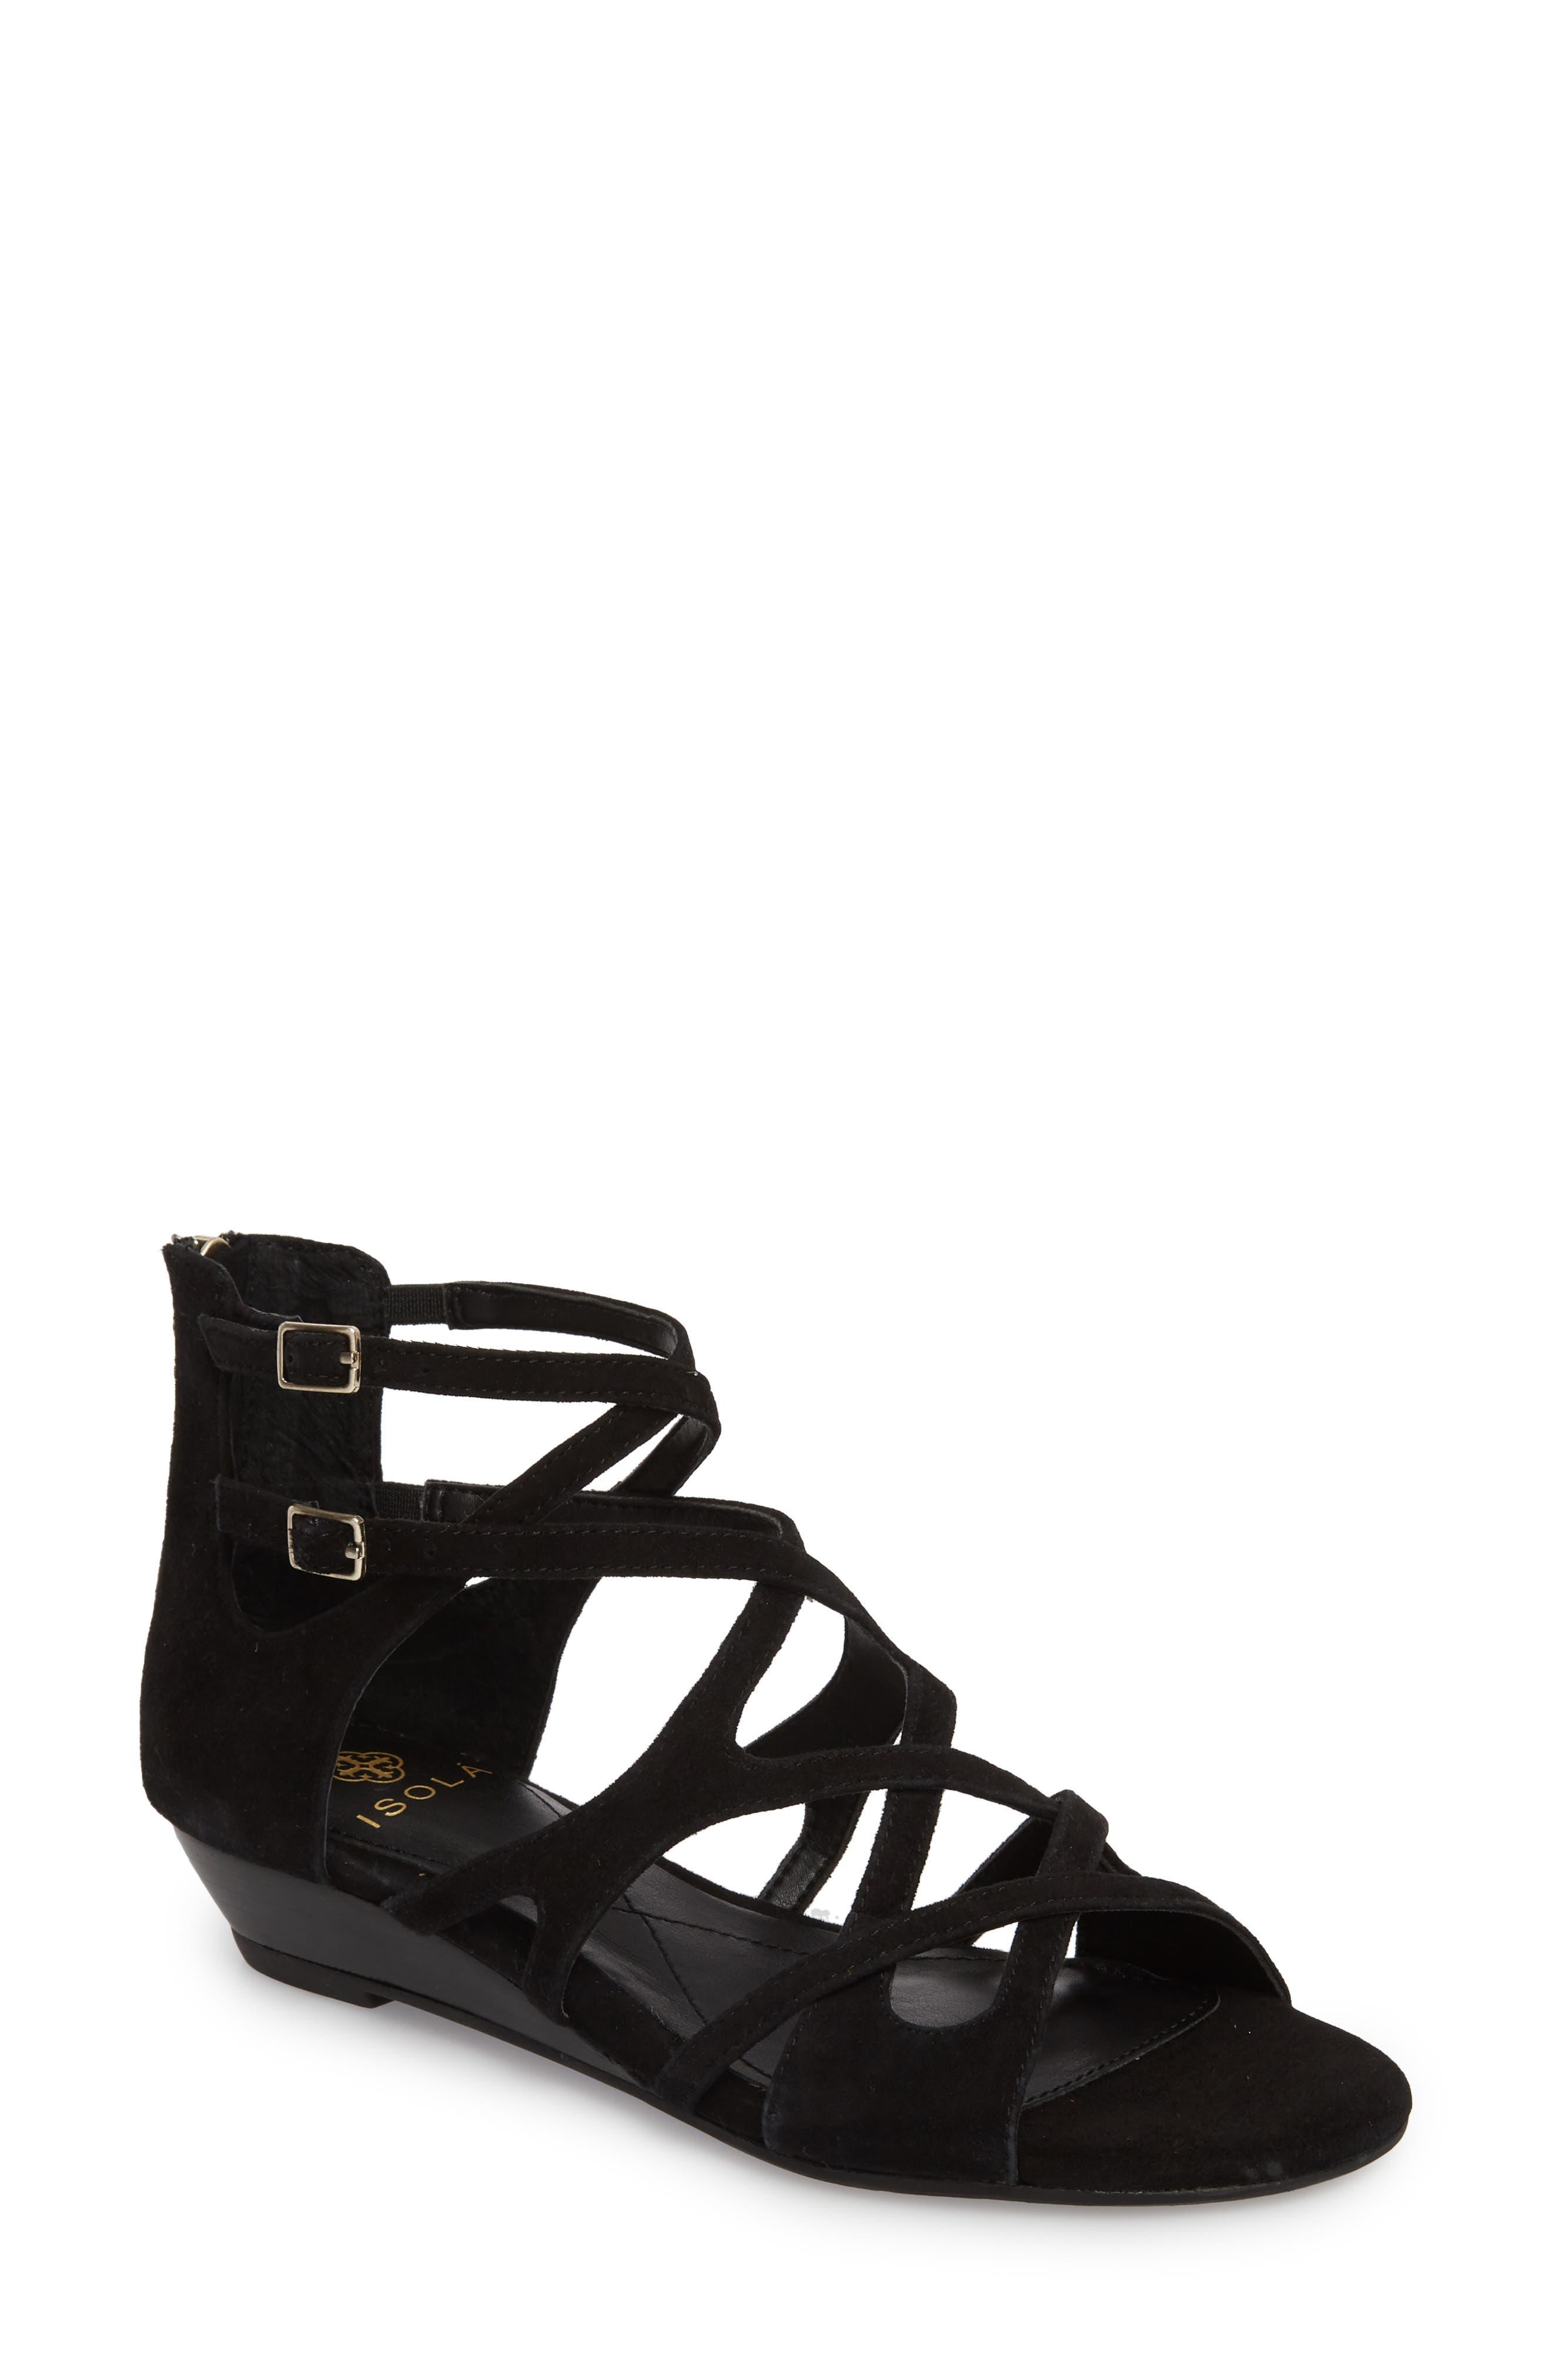 Esmerilda Wedge Sandal,                         Main,                         color, BLACK SUEDE